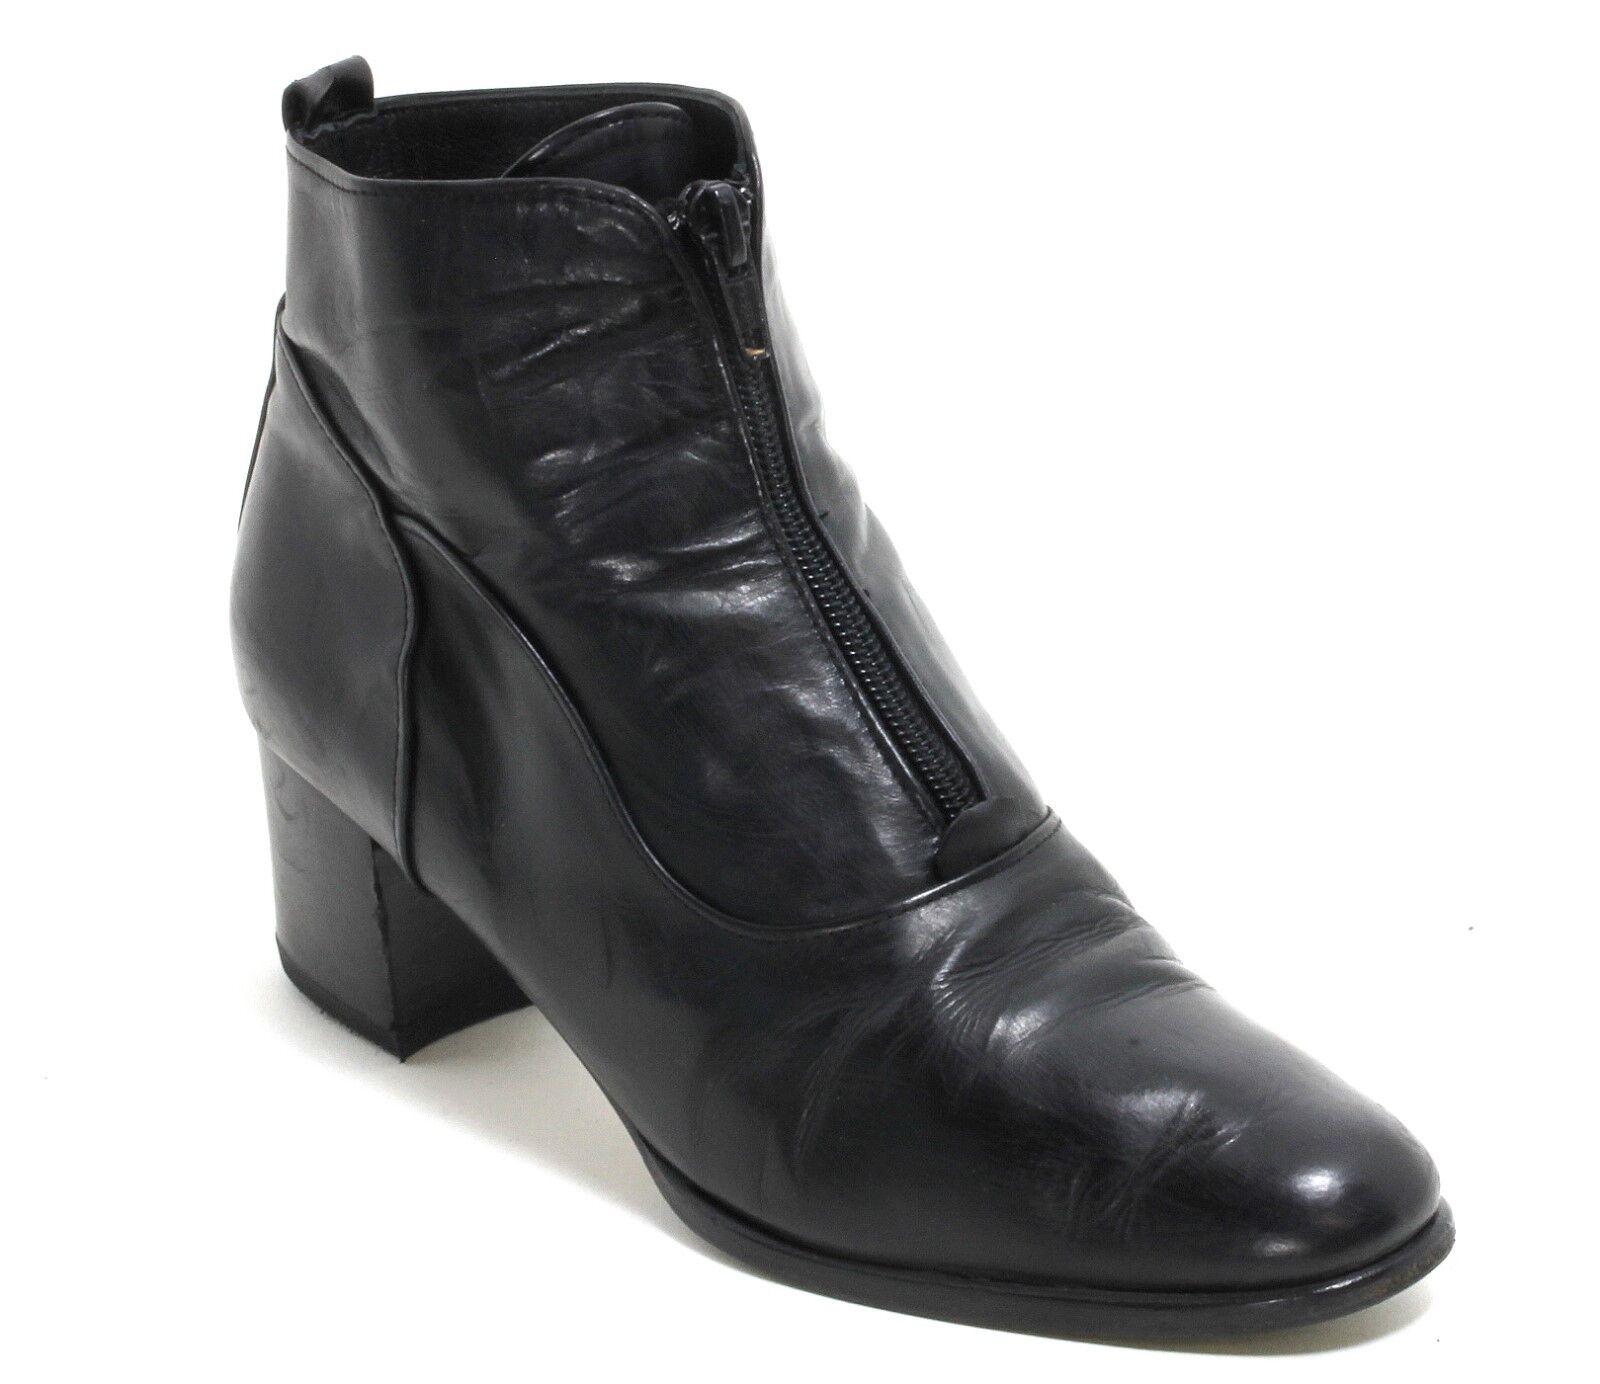 Bottines Vintage Chaussures Basses en Cuir Bettiu Fermeture Éclair Élégant